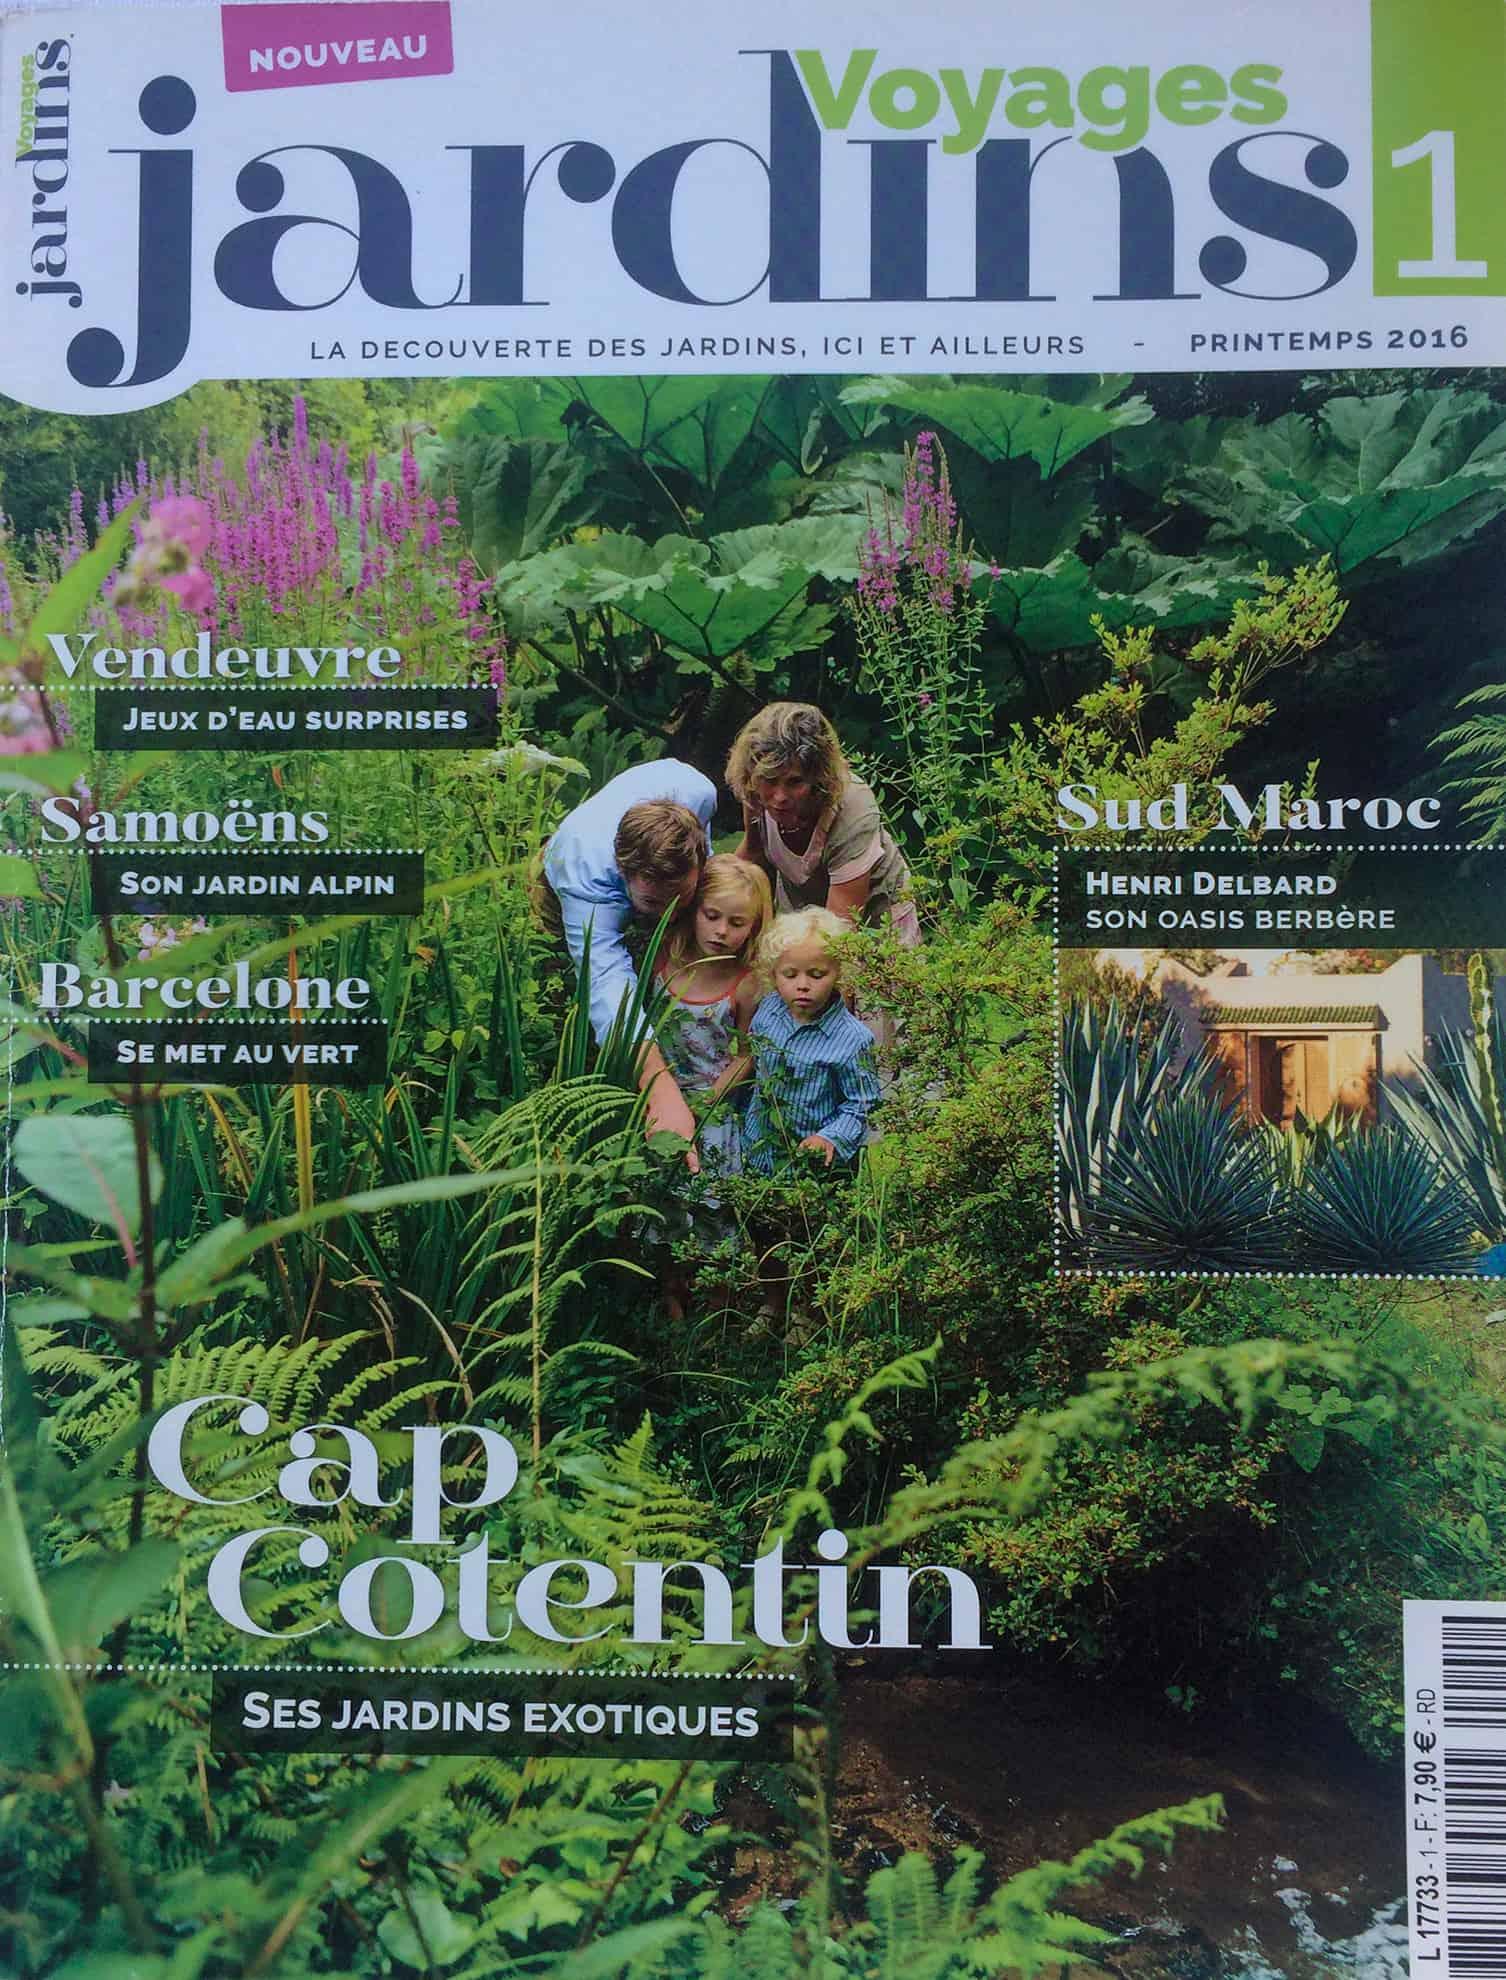 La Blanche Maison - Magazine - Voyages jardins - No 1 - 2016